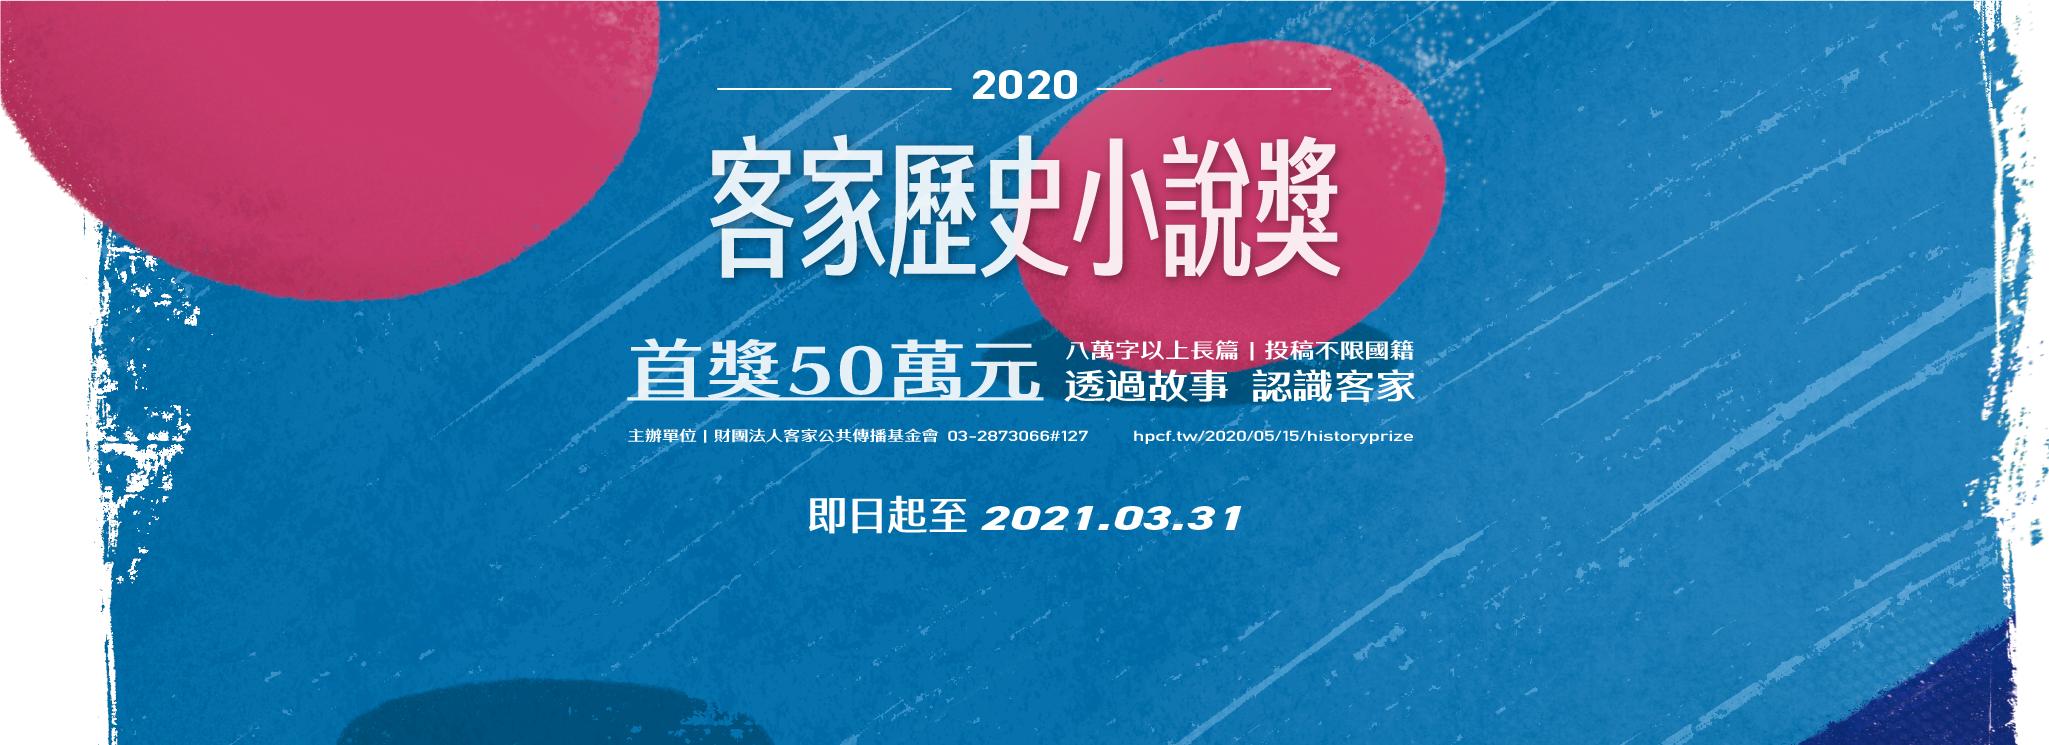 【2020客家歷史小說獎】徵文開始收件!報名簡章下載、收件資訊